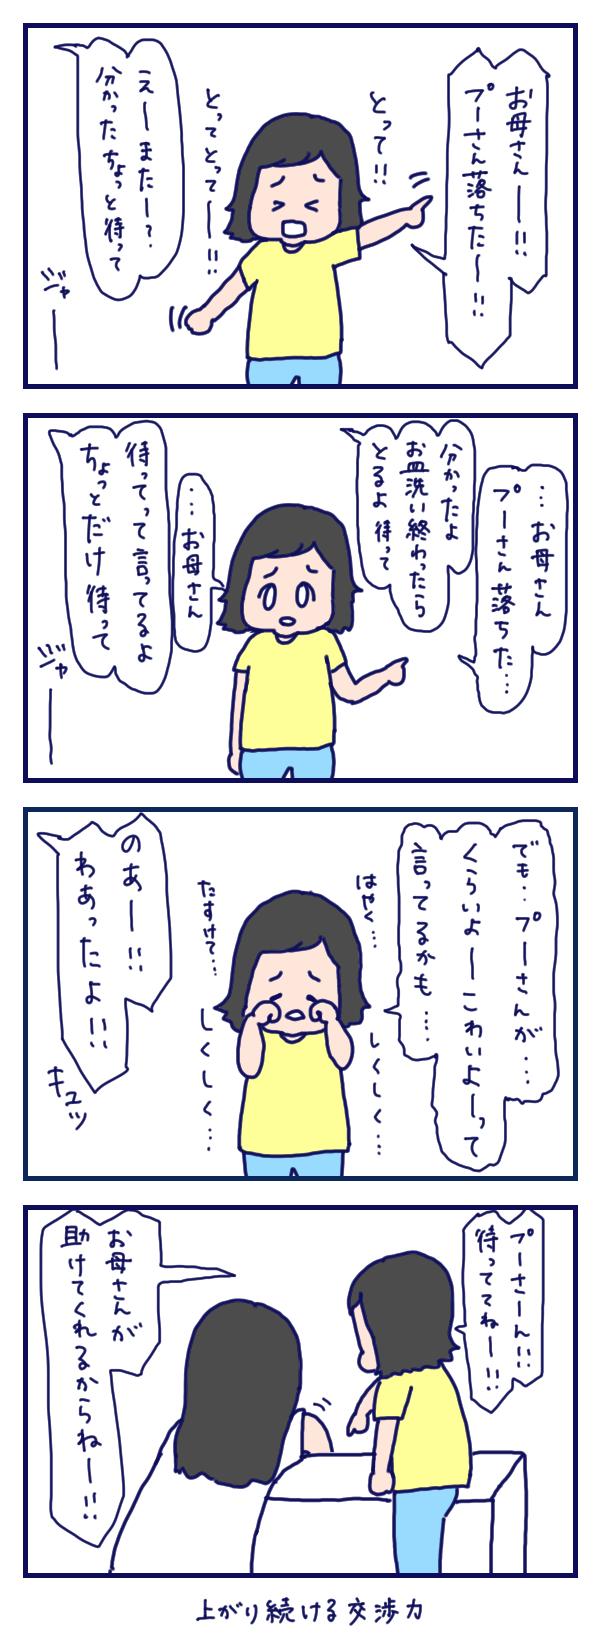 f:id:konatsusuika:20190726212701j:plain